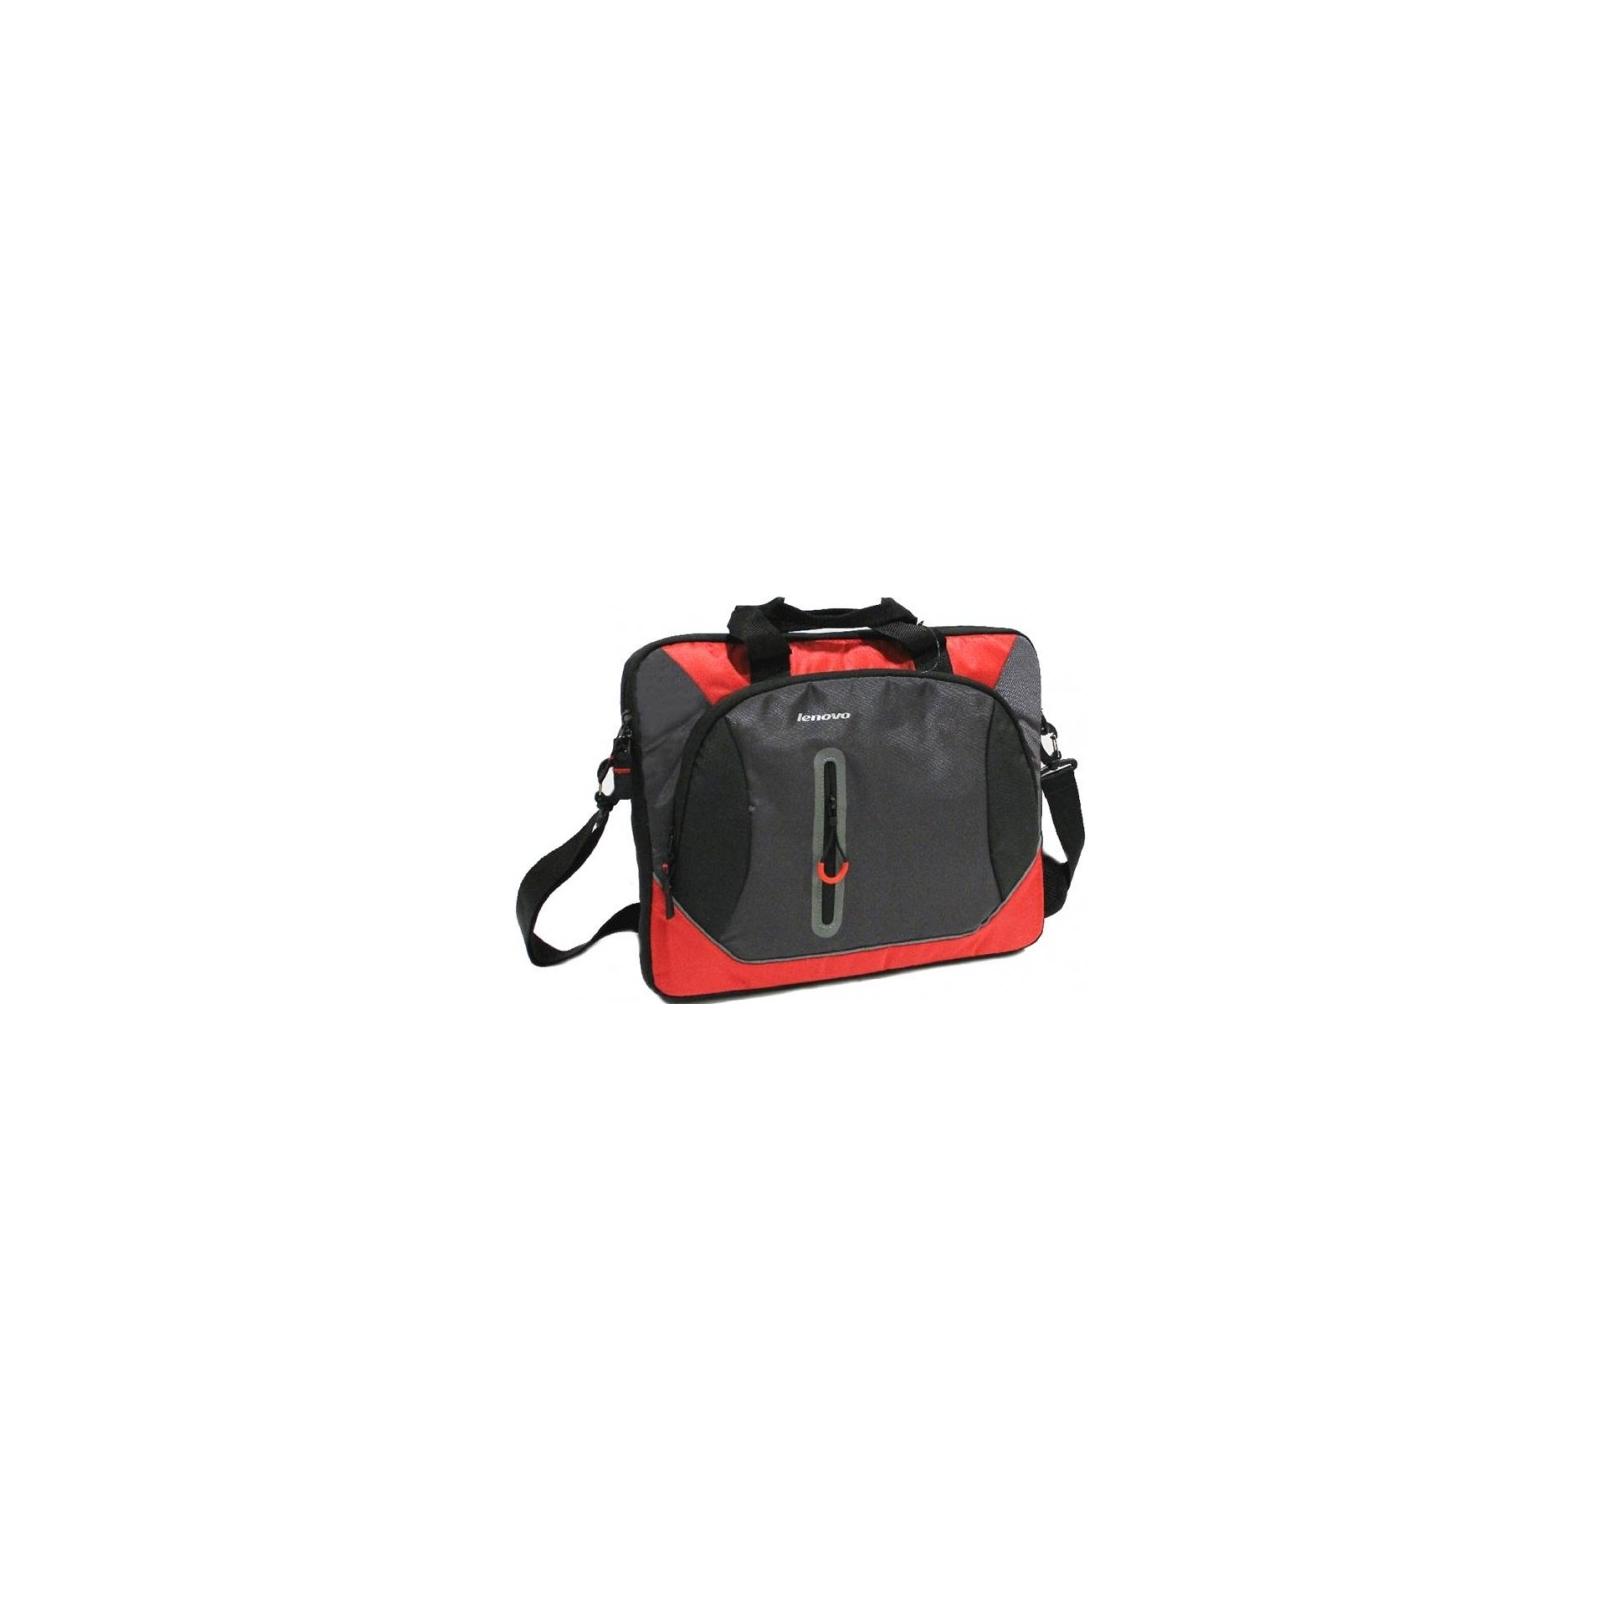 Сумка для ноутбука Lenovo 15.6 Sport Slimcase Red (0A33897) изображение 2